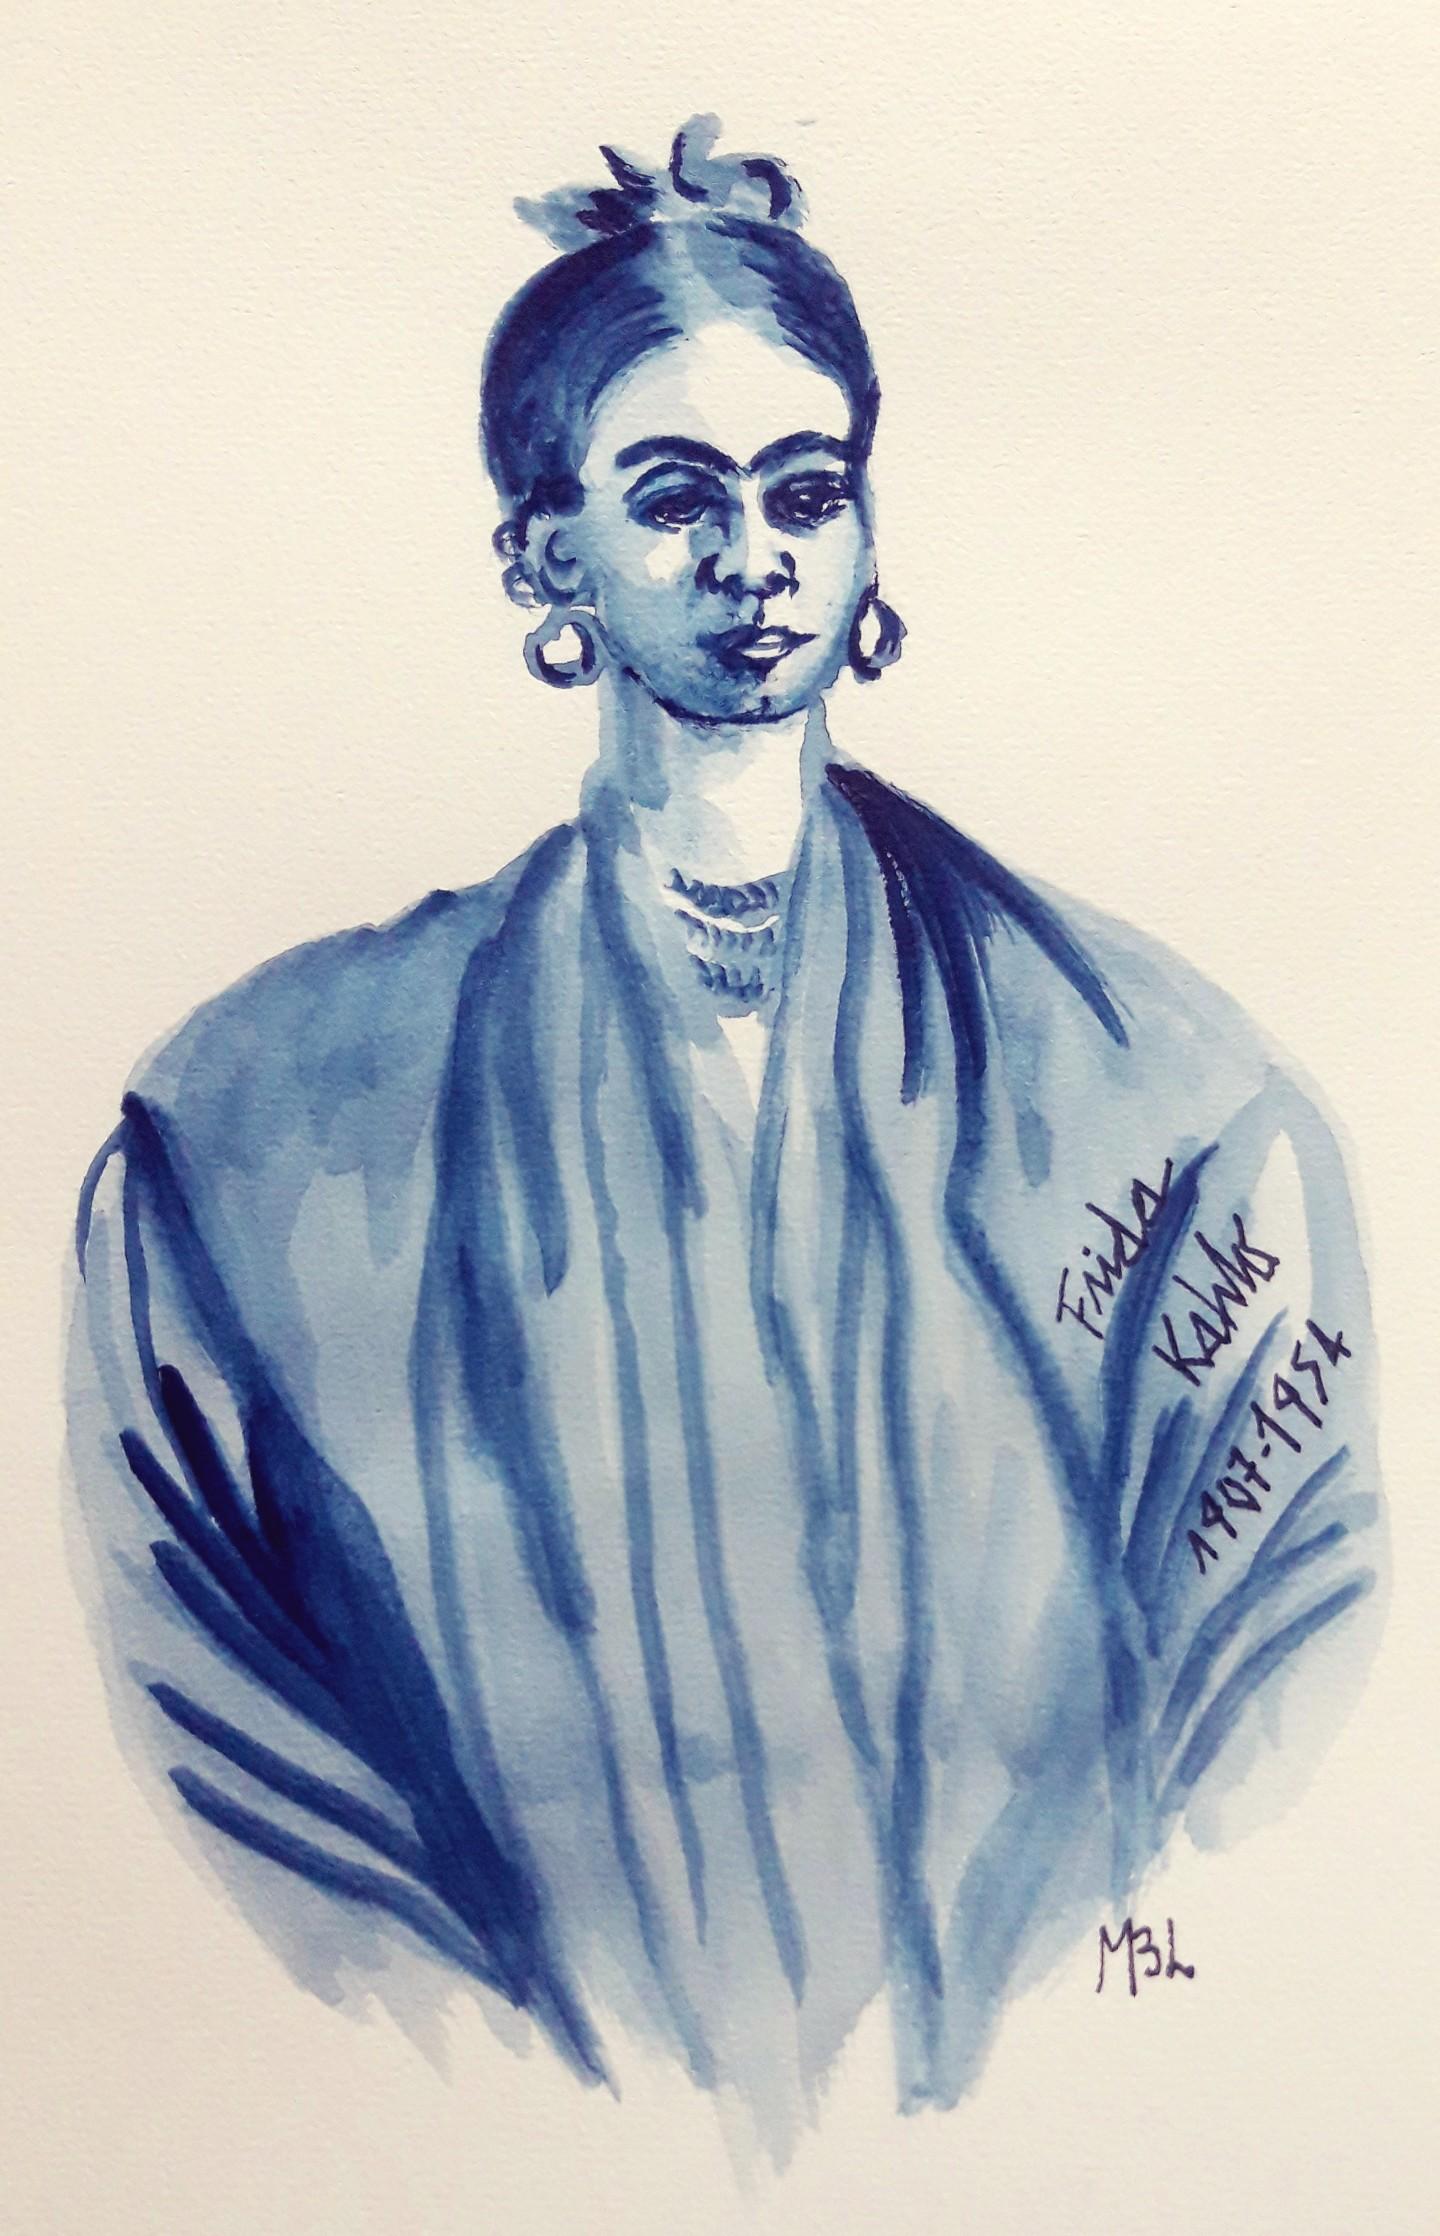 Brigitte Mathé (MBL) - Frida Kahlo